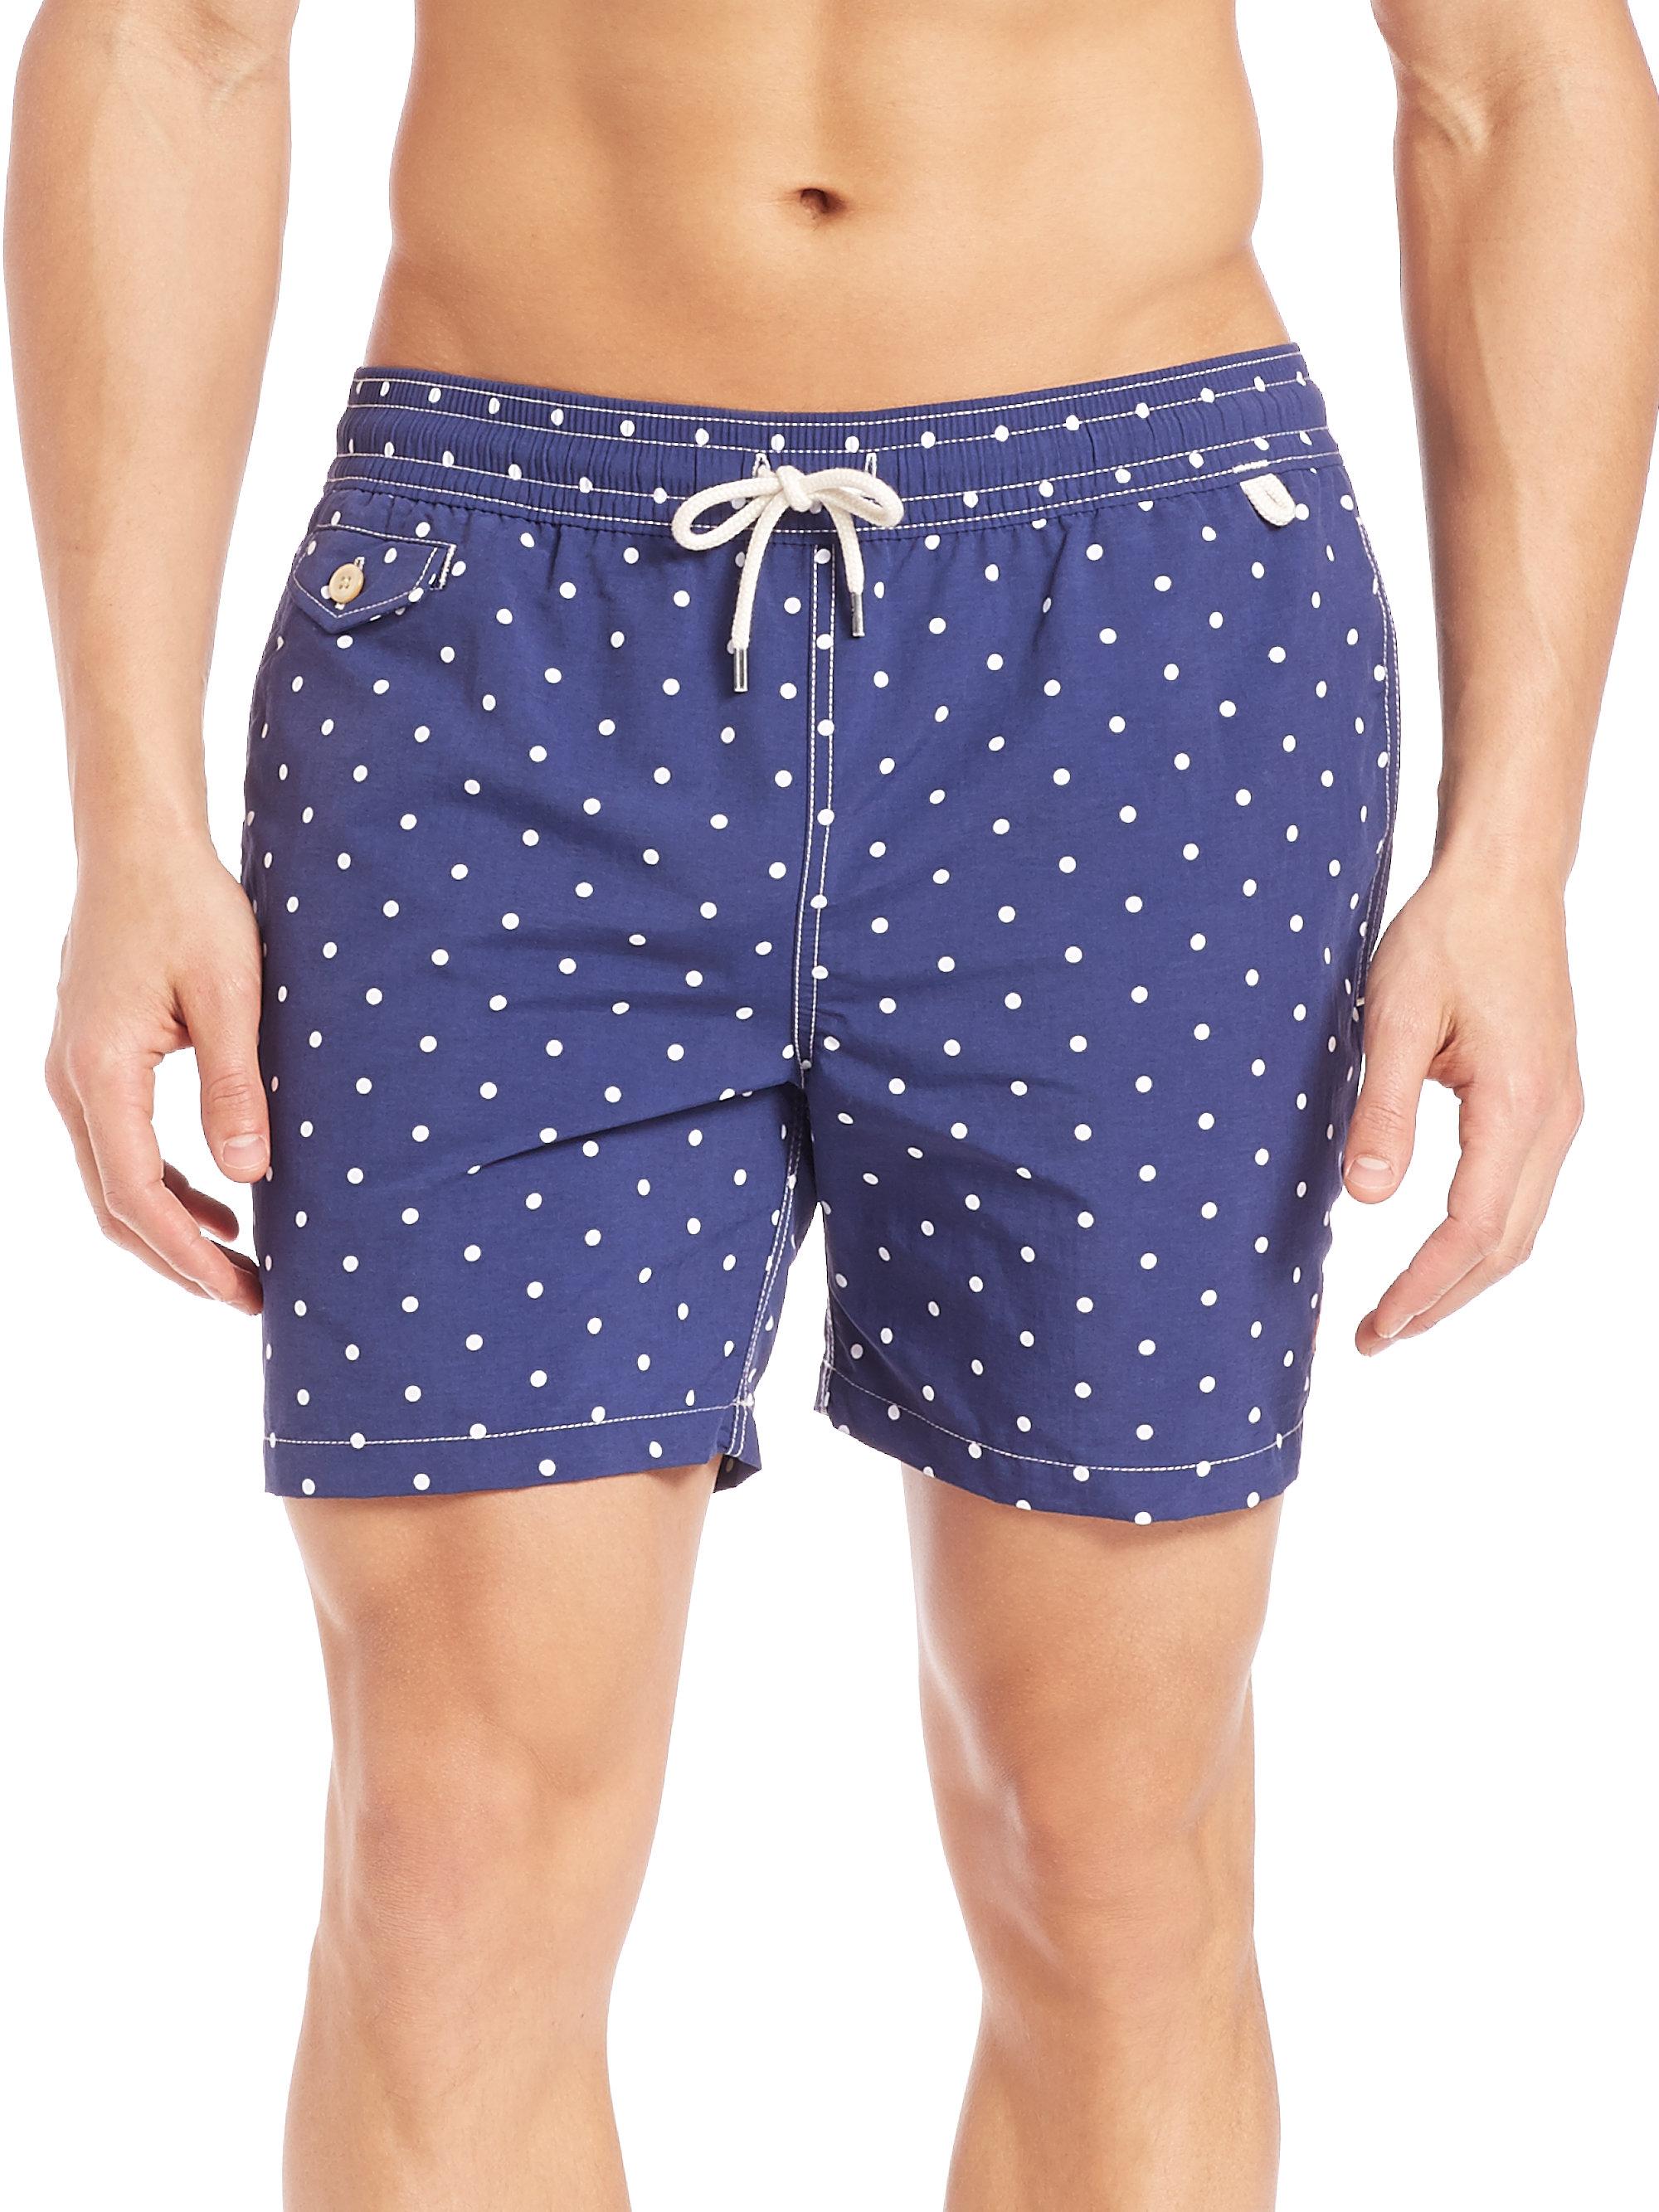 7bae2c21a0 Polo Ralph Lauren Polka-dot Traveler Swim Shorts in Blue for Men - Lyst